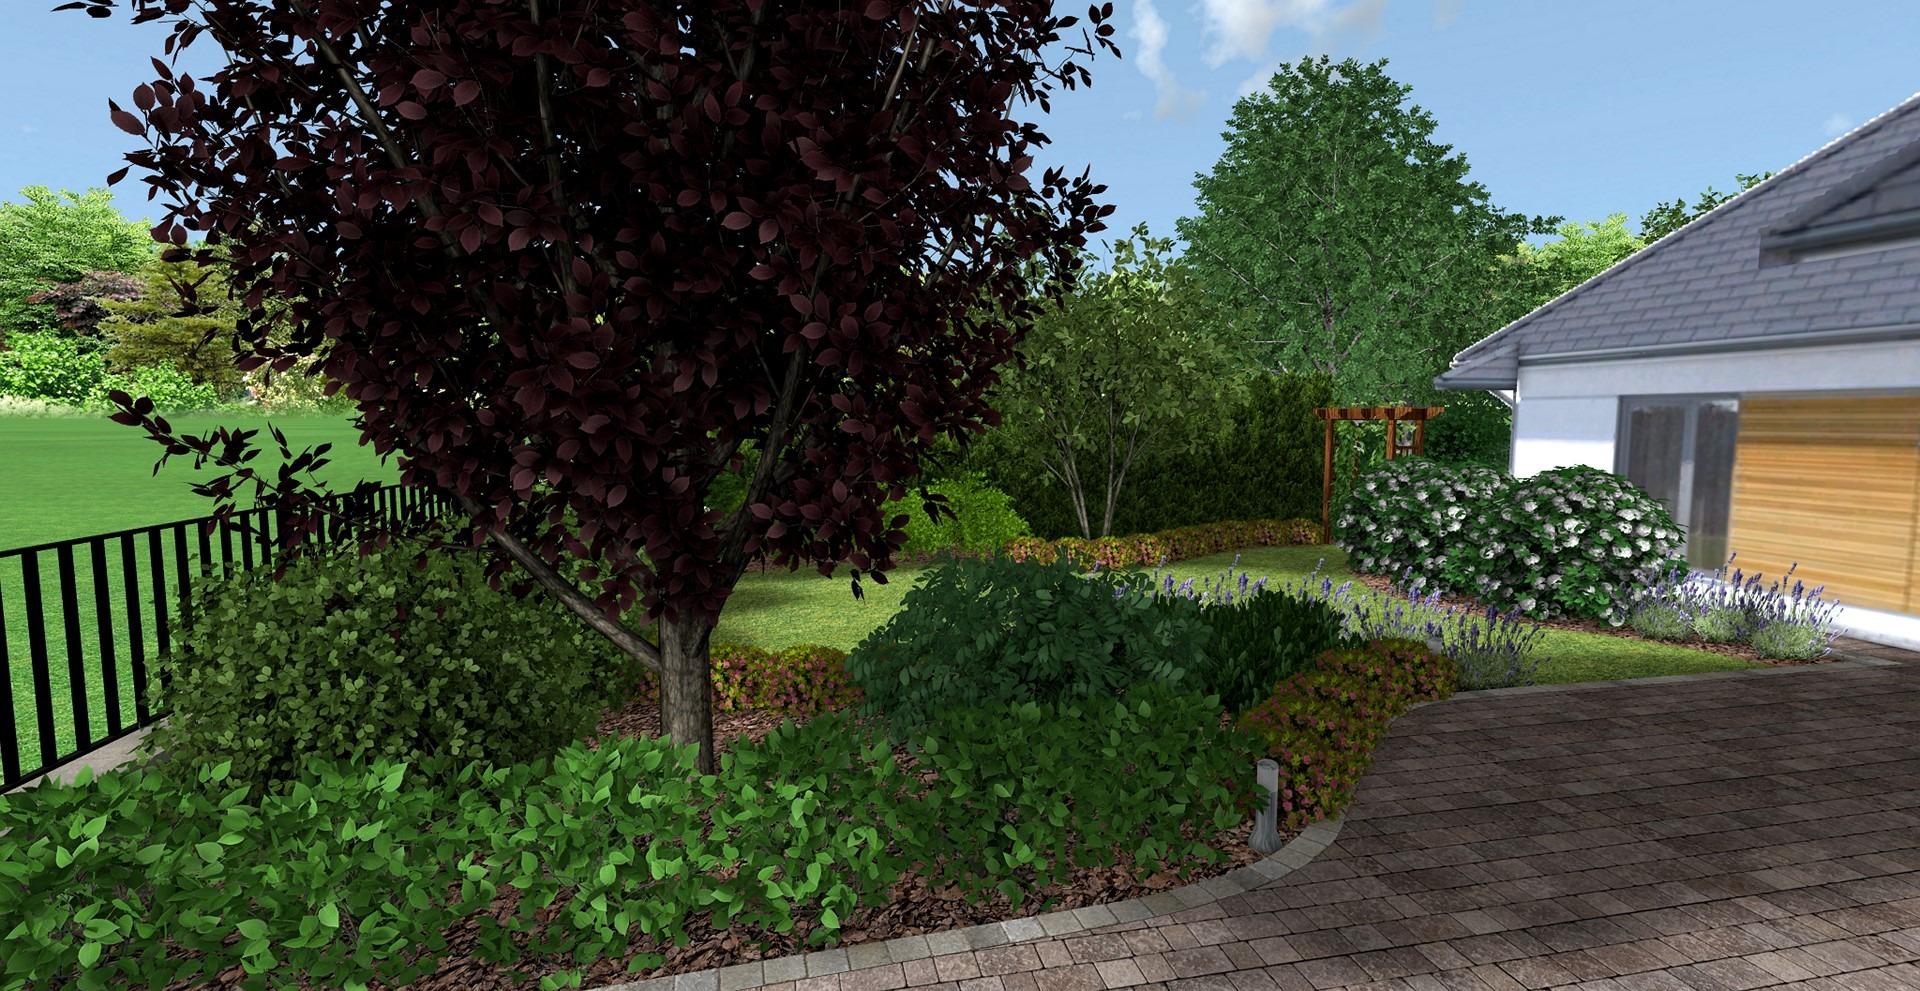 zaprojektowanie-ogrodu-rzeszow-krakow-i-okolice